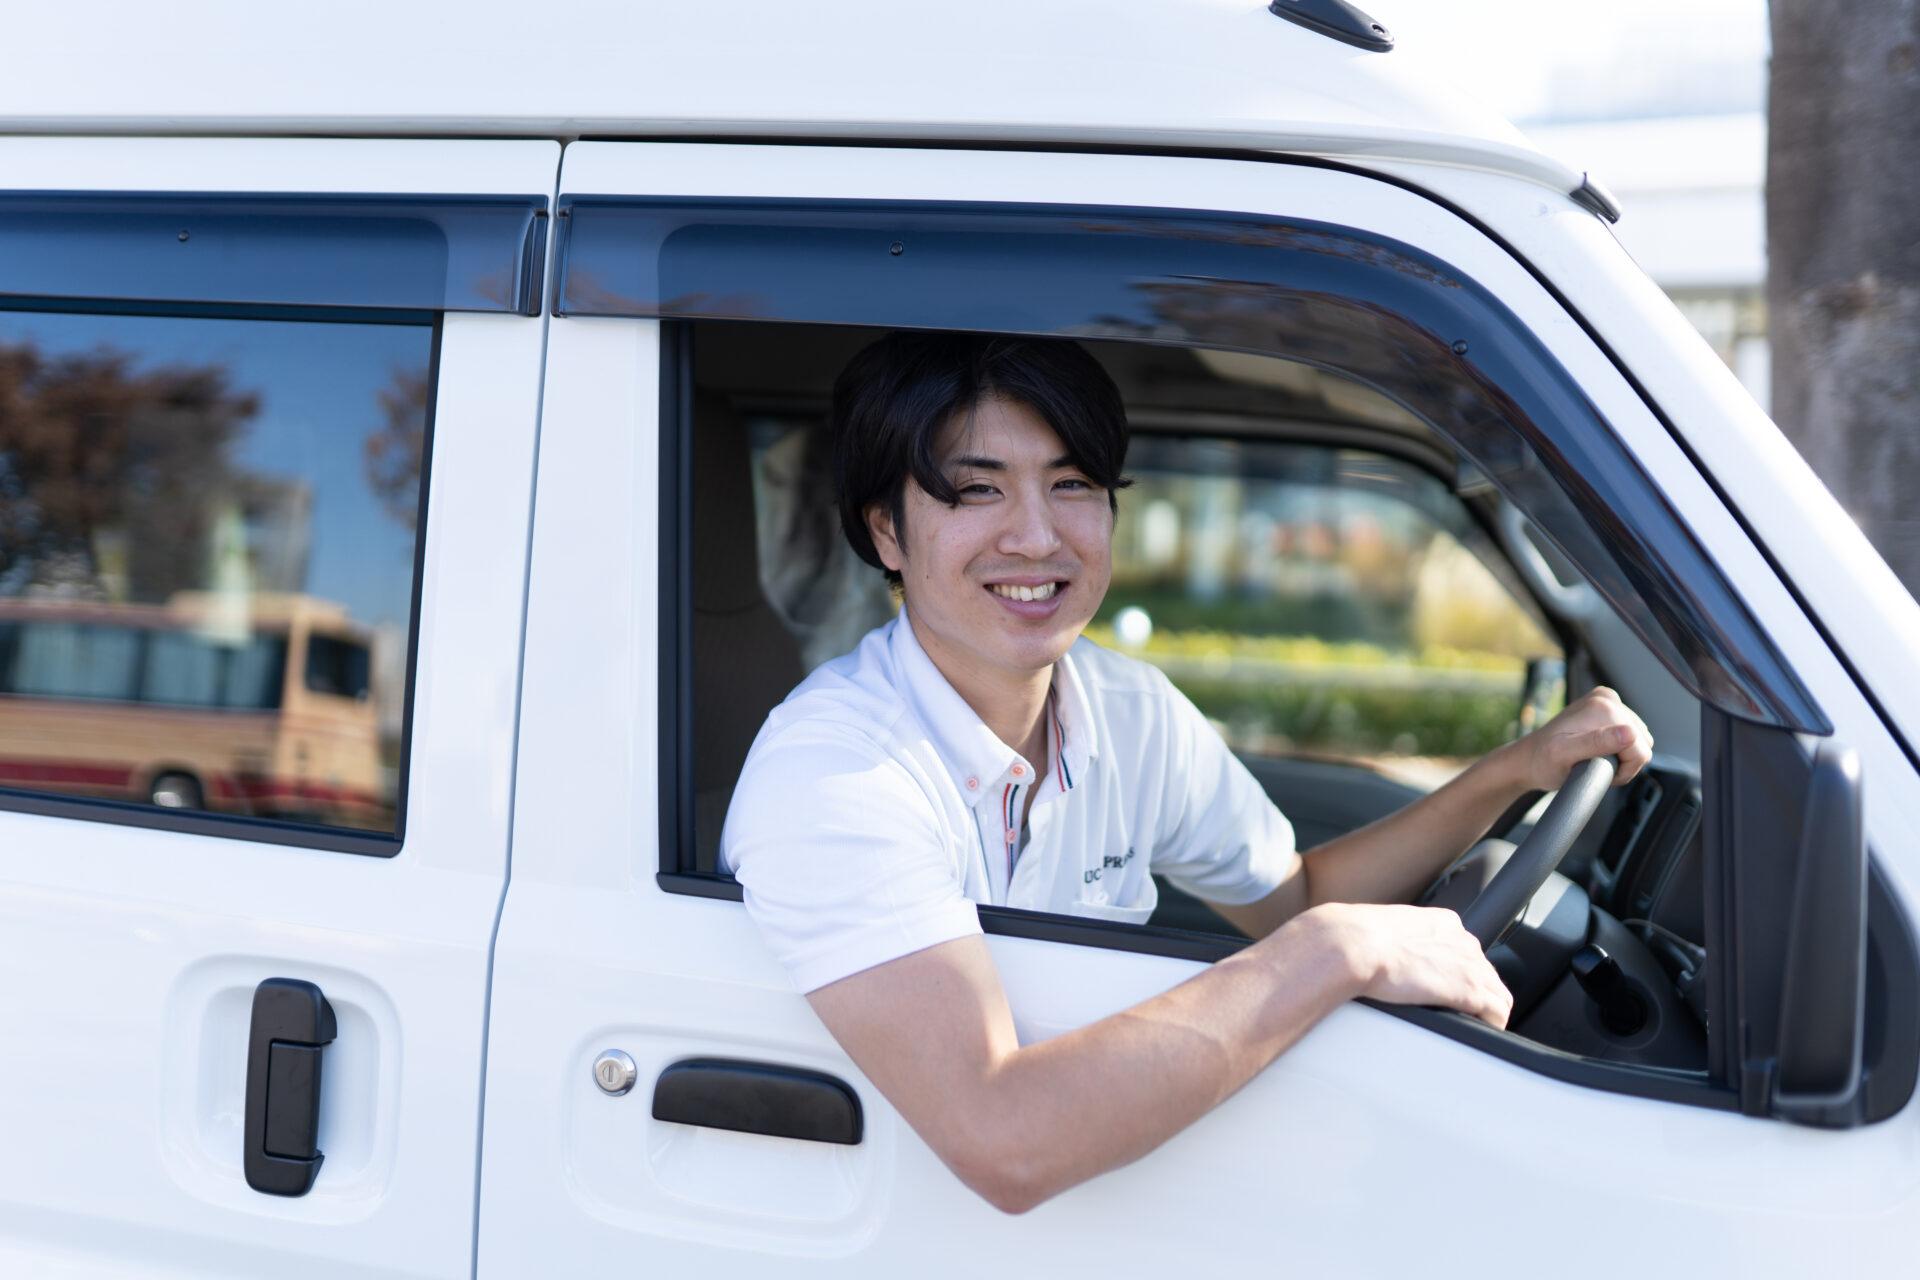 軽貨物車両の運転席でポーズを取る若い男性ドライバー